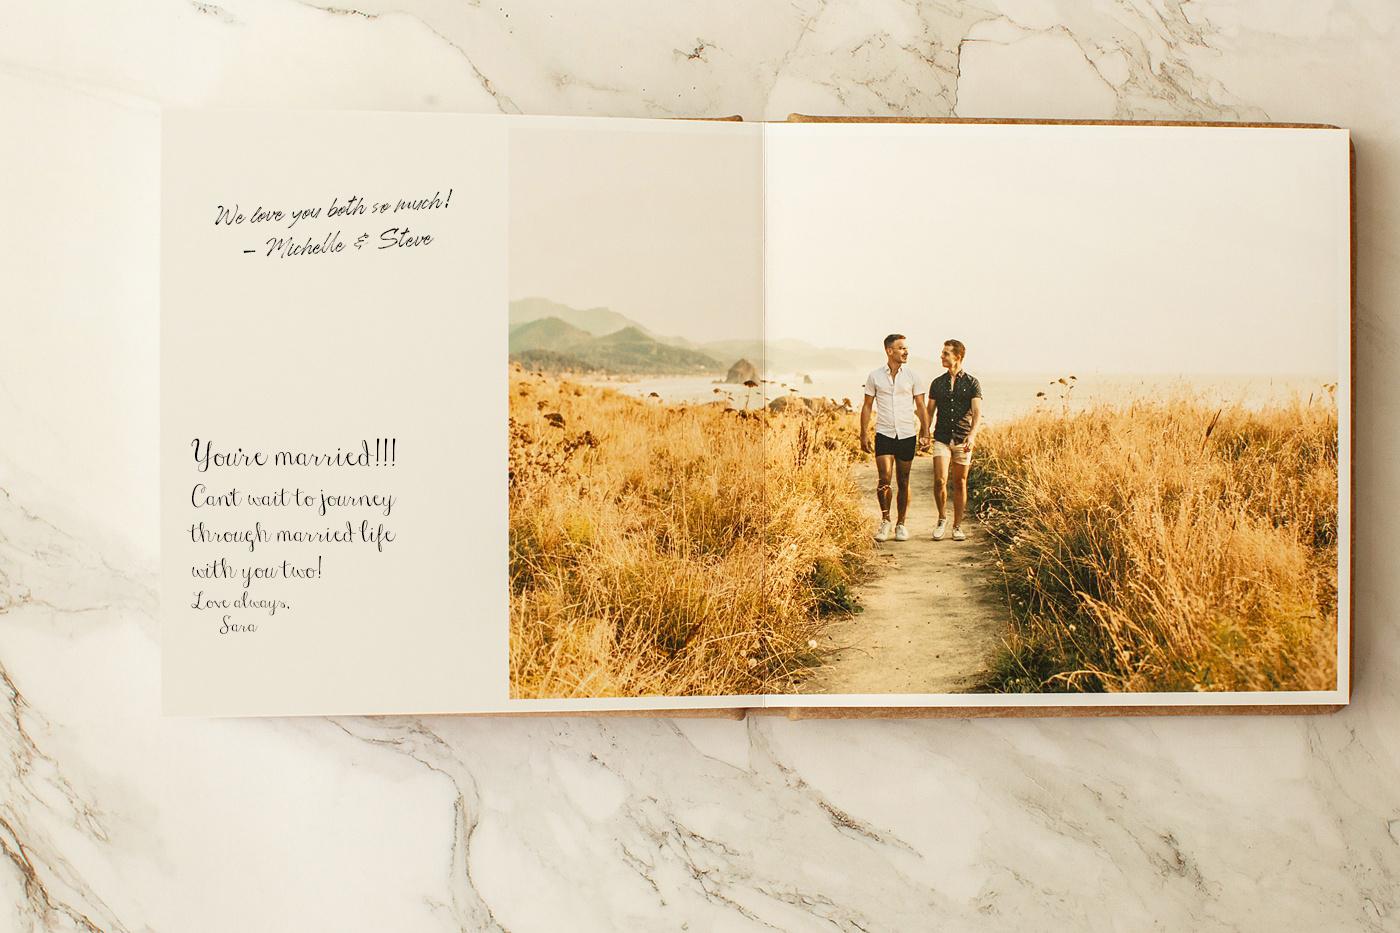 engagement photos unique guest book ideas for your wedding